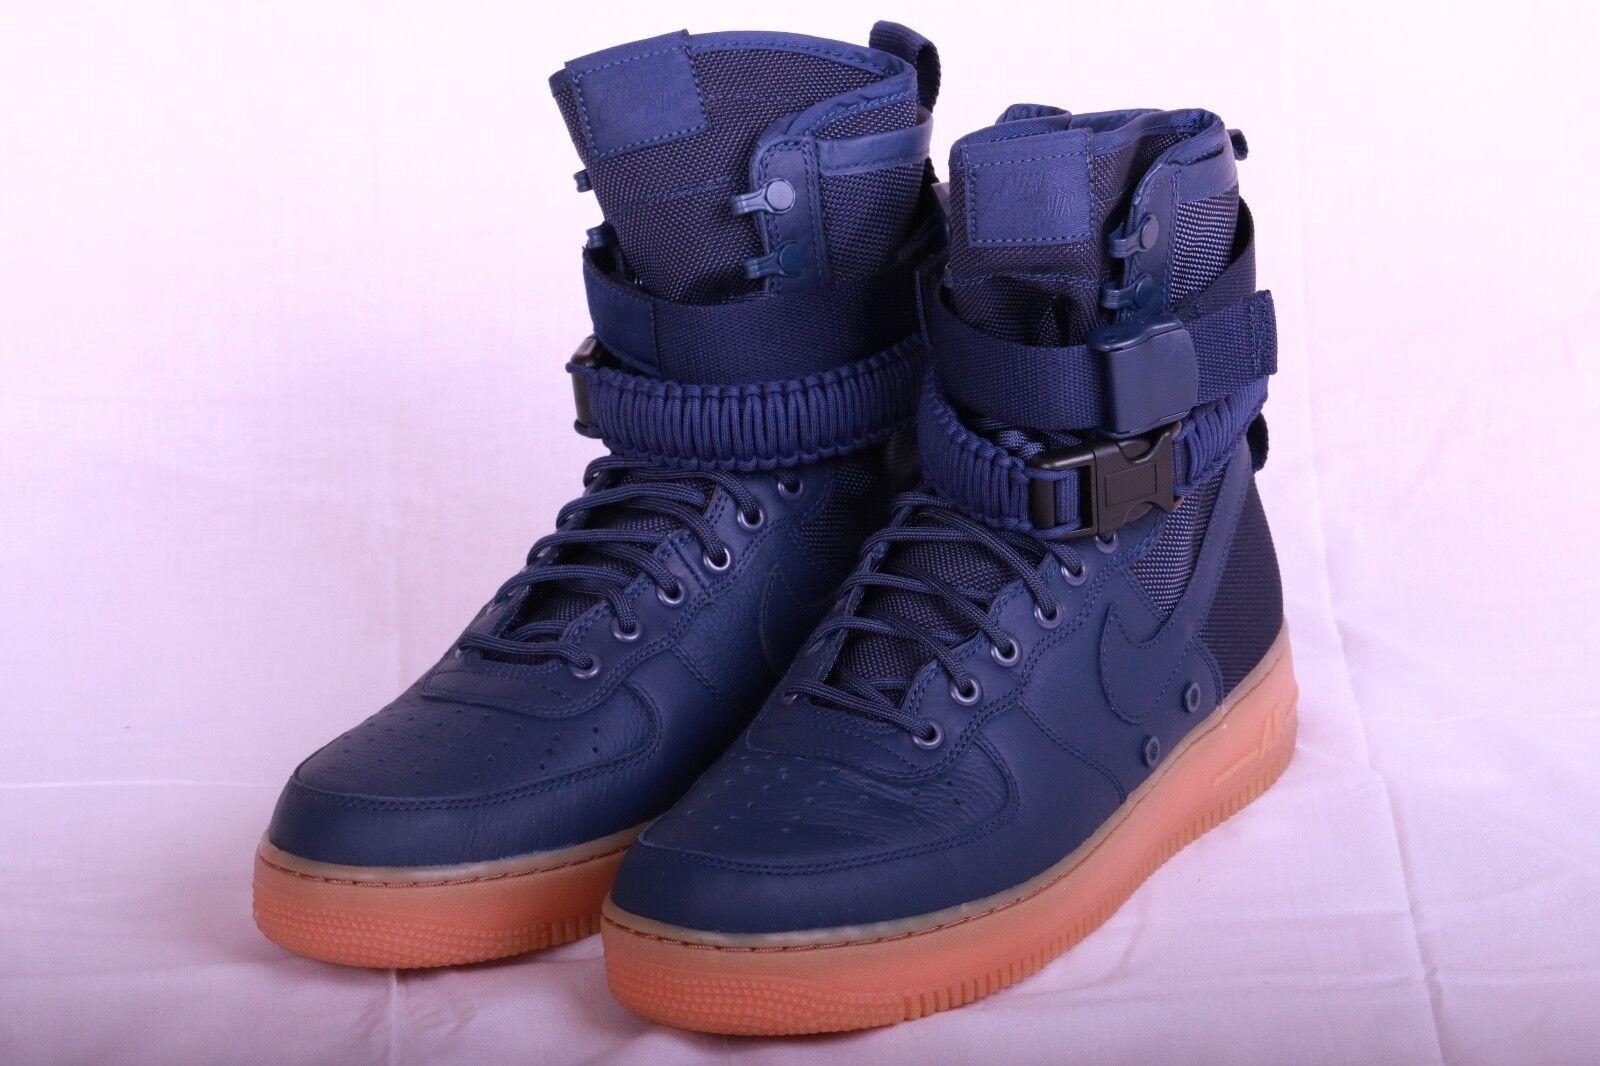 Nike Men's Special Field AF1 Midnight Navy blueee Gum 864024 400 Sz 8.5-11.5